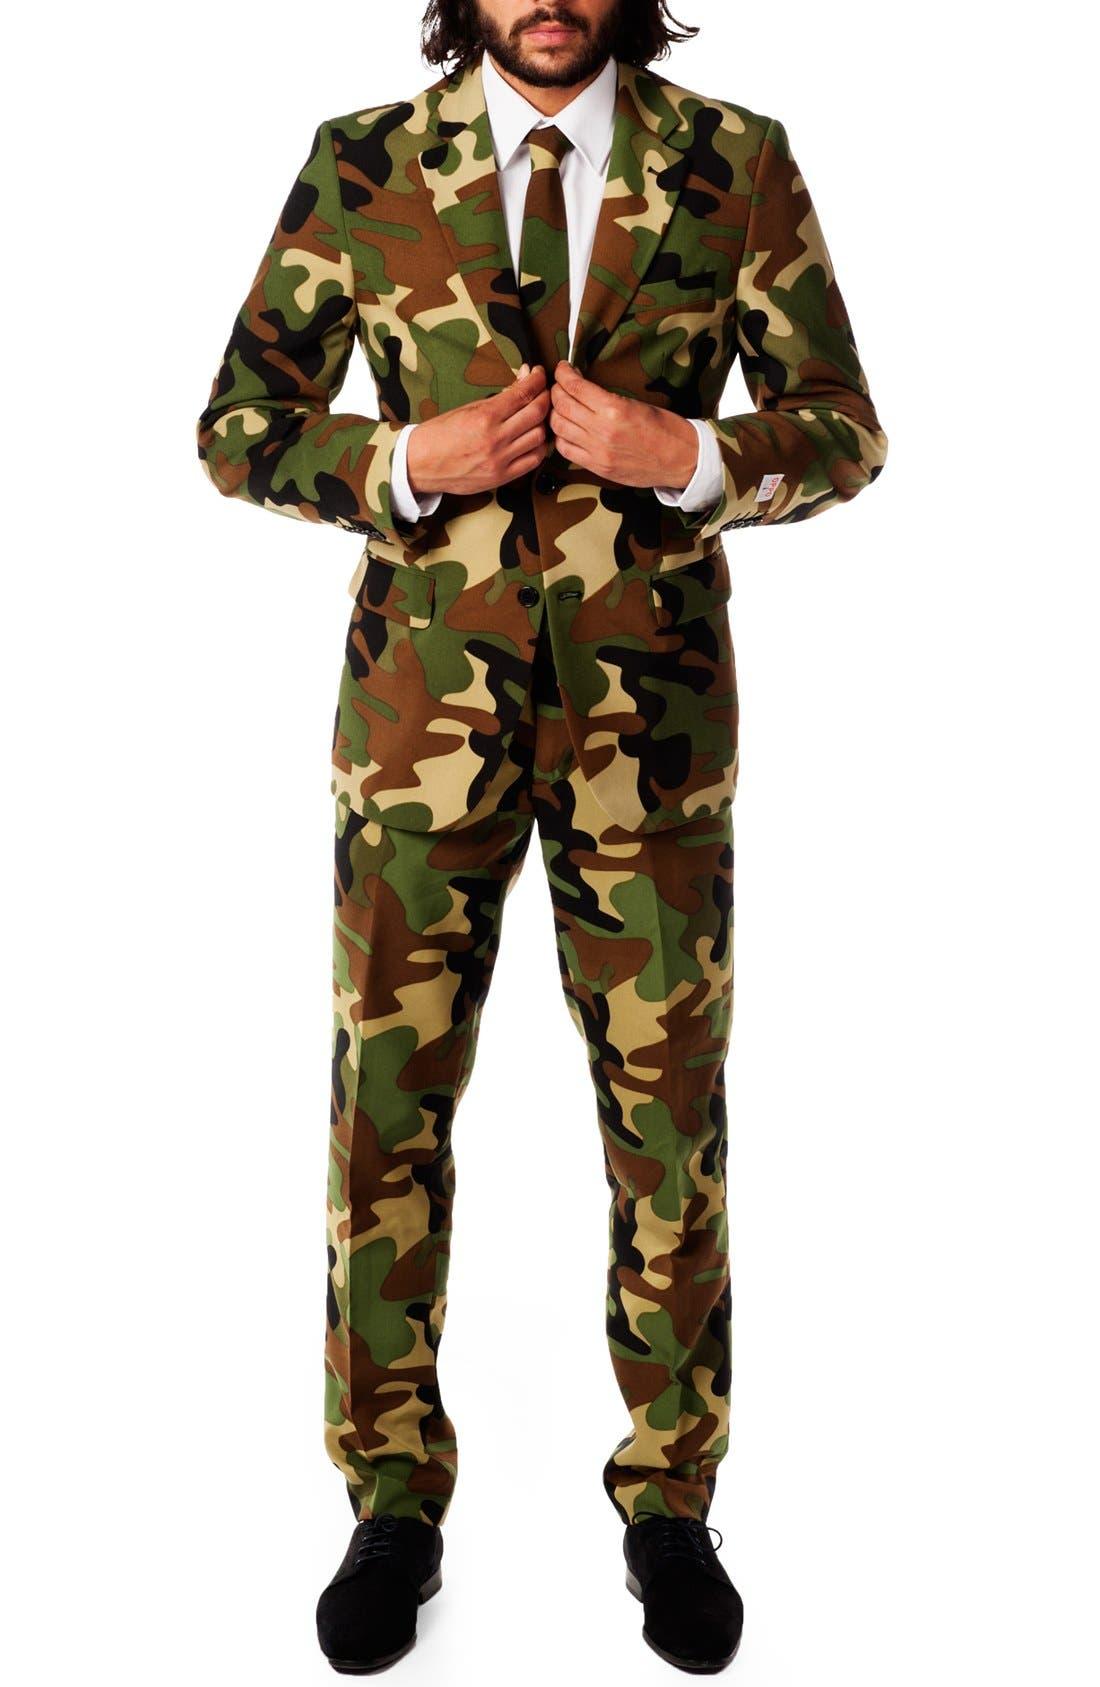 'Commando' Trim Fit Two-Piece Suit with Tie,                             Main thumbnail 1, color,                             300